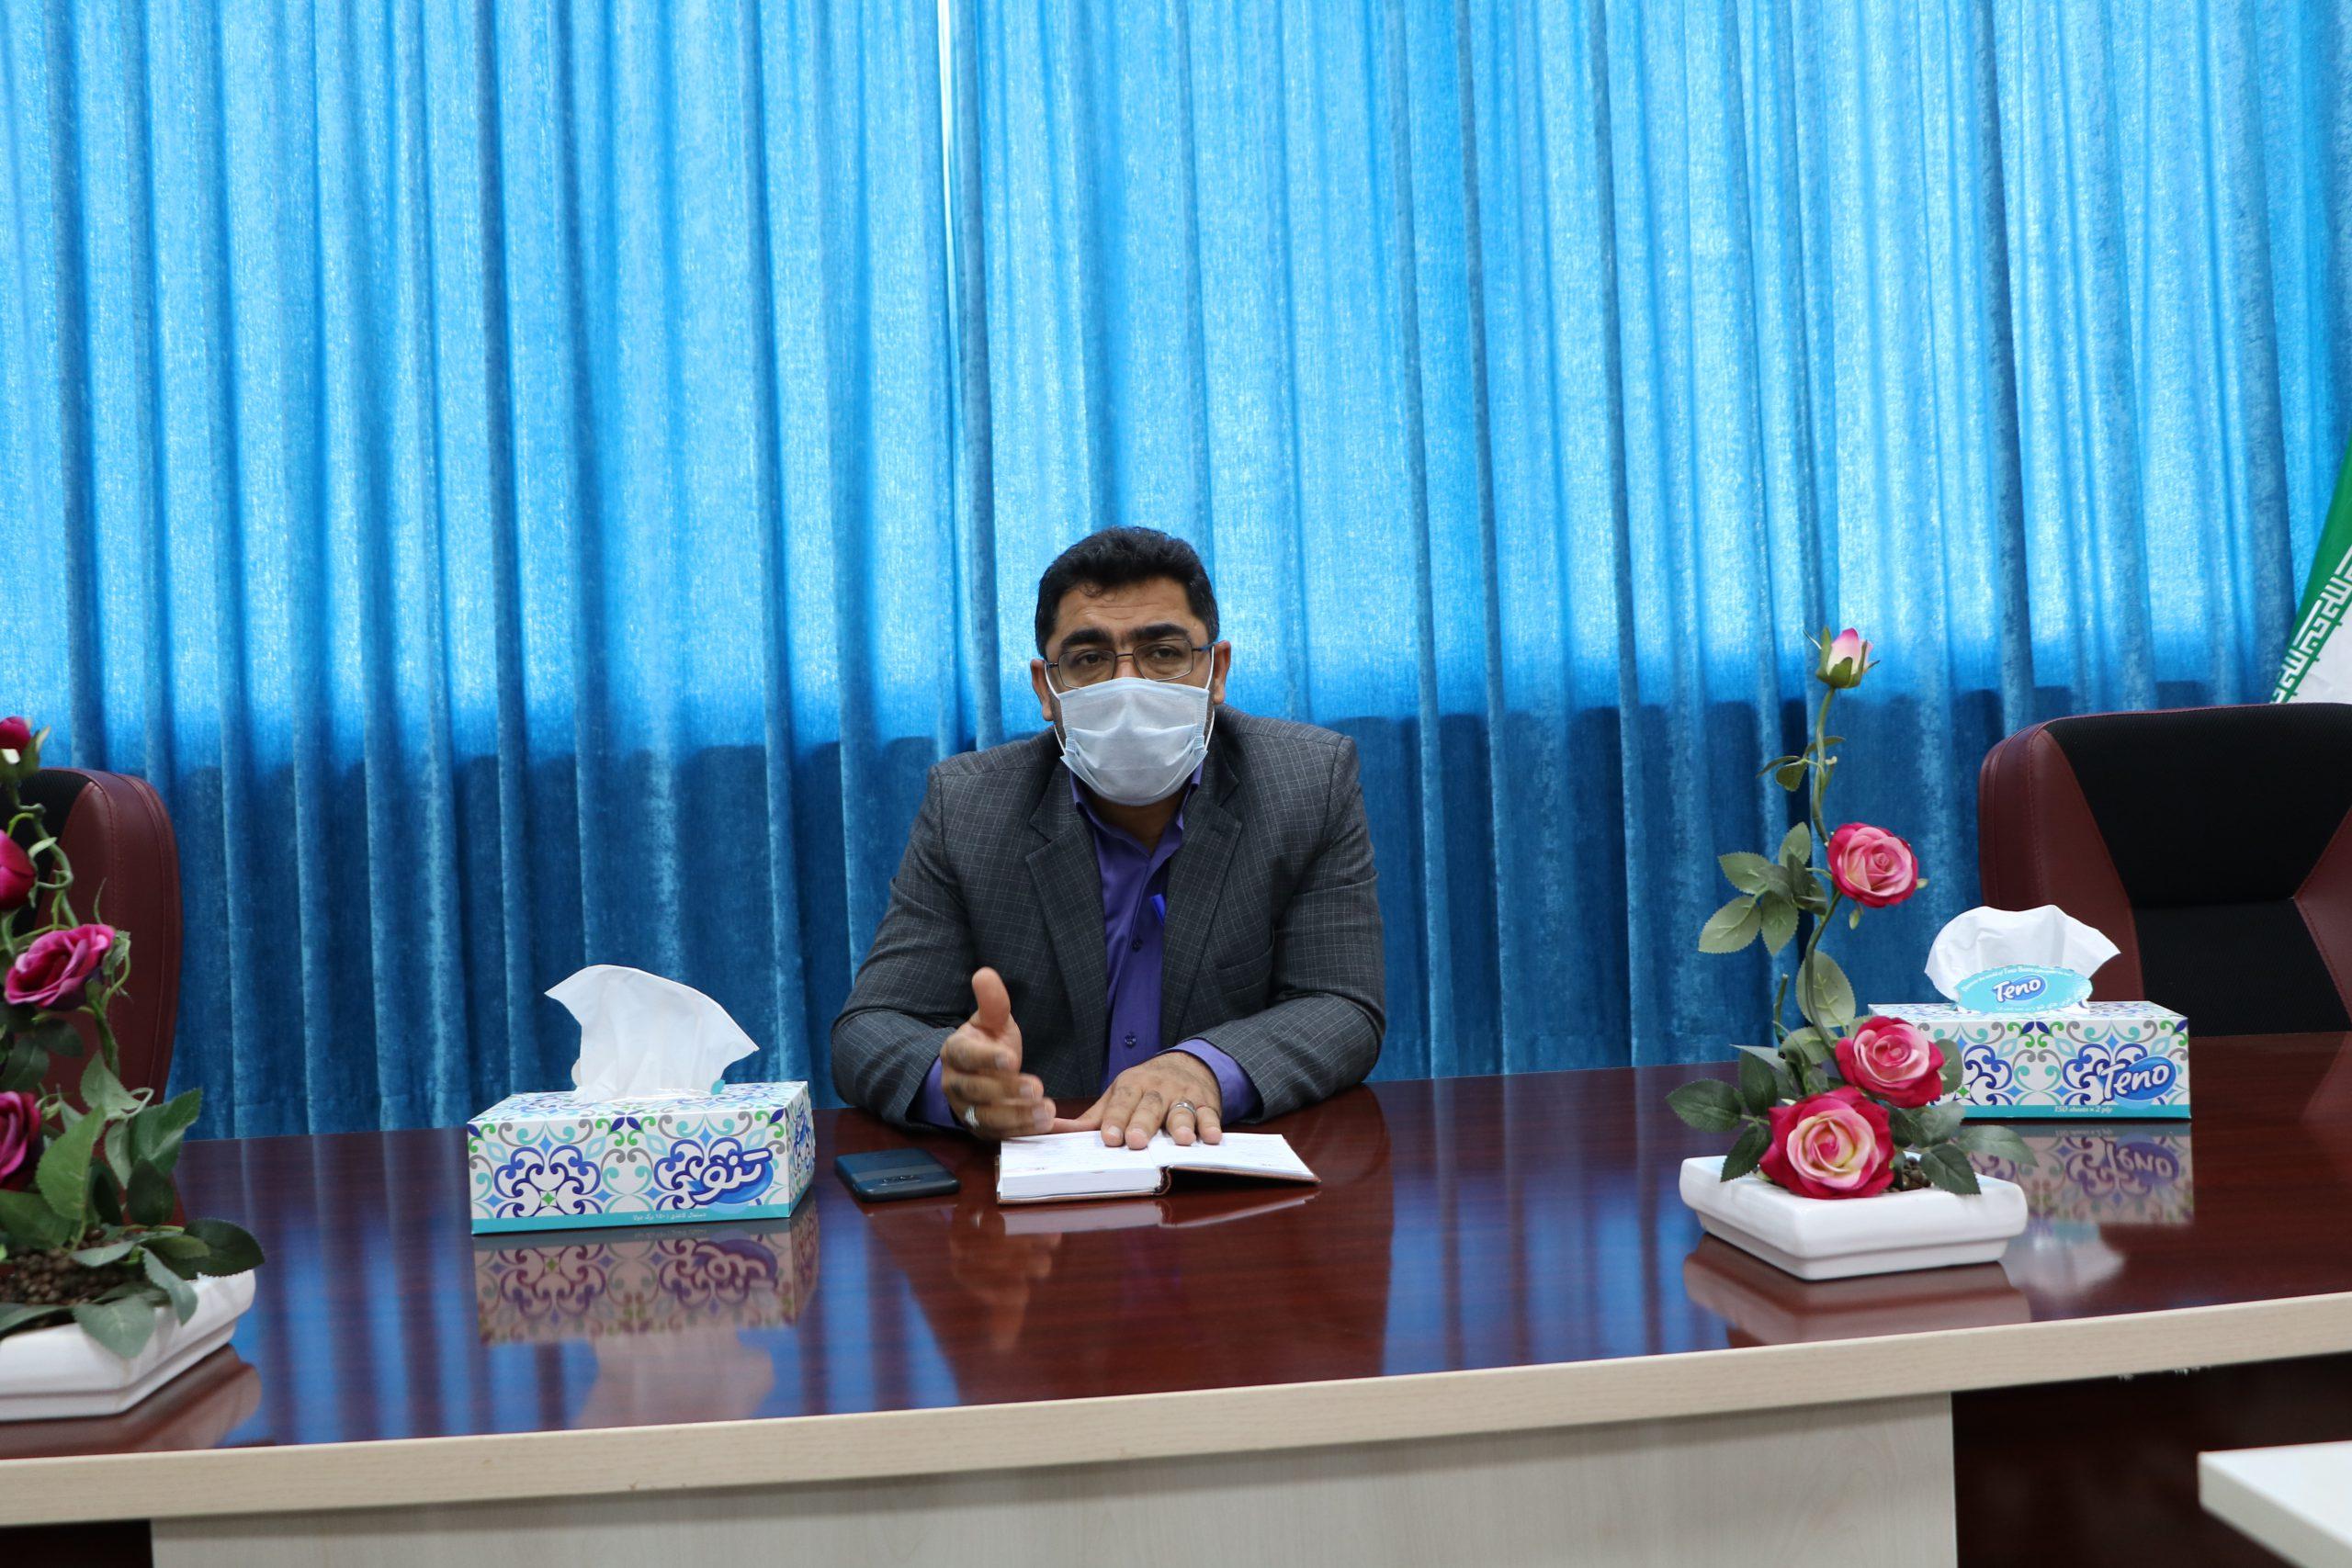 اولین جلسه شورای عمومی دانشگاه در سال جدید برگزار شد